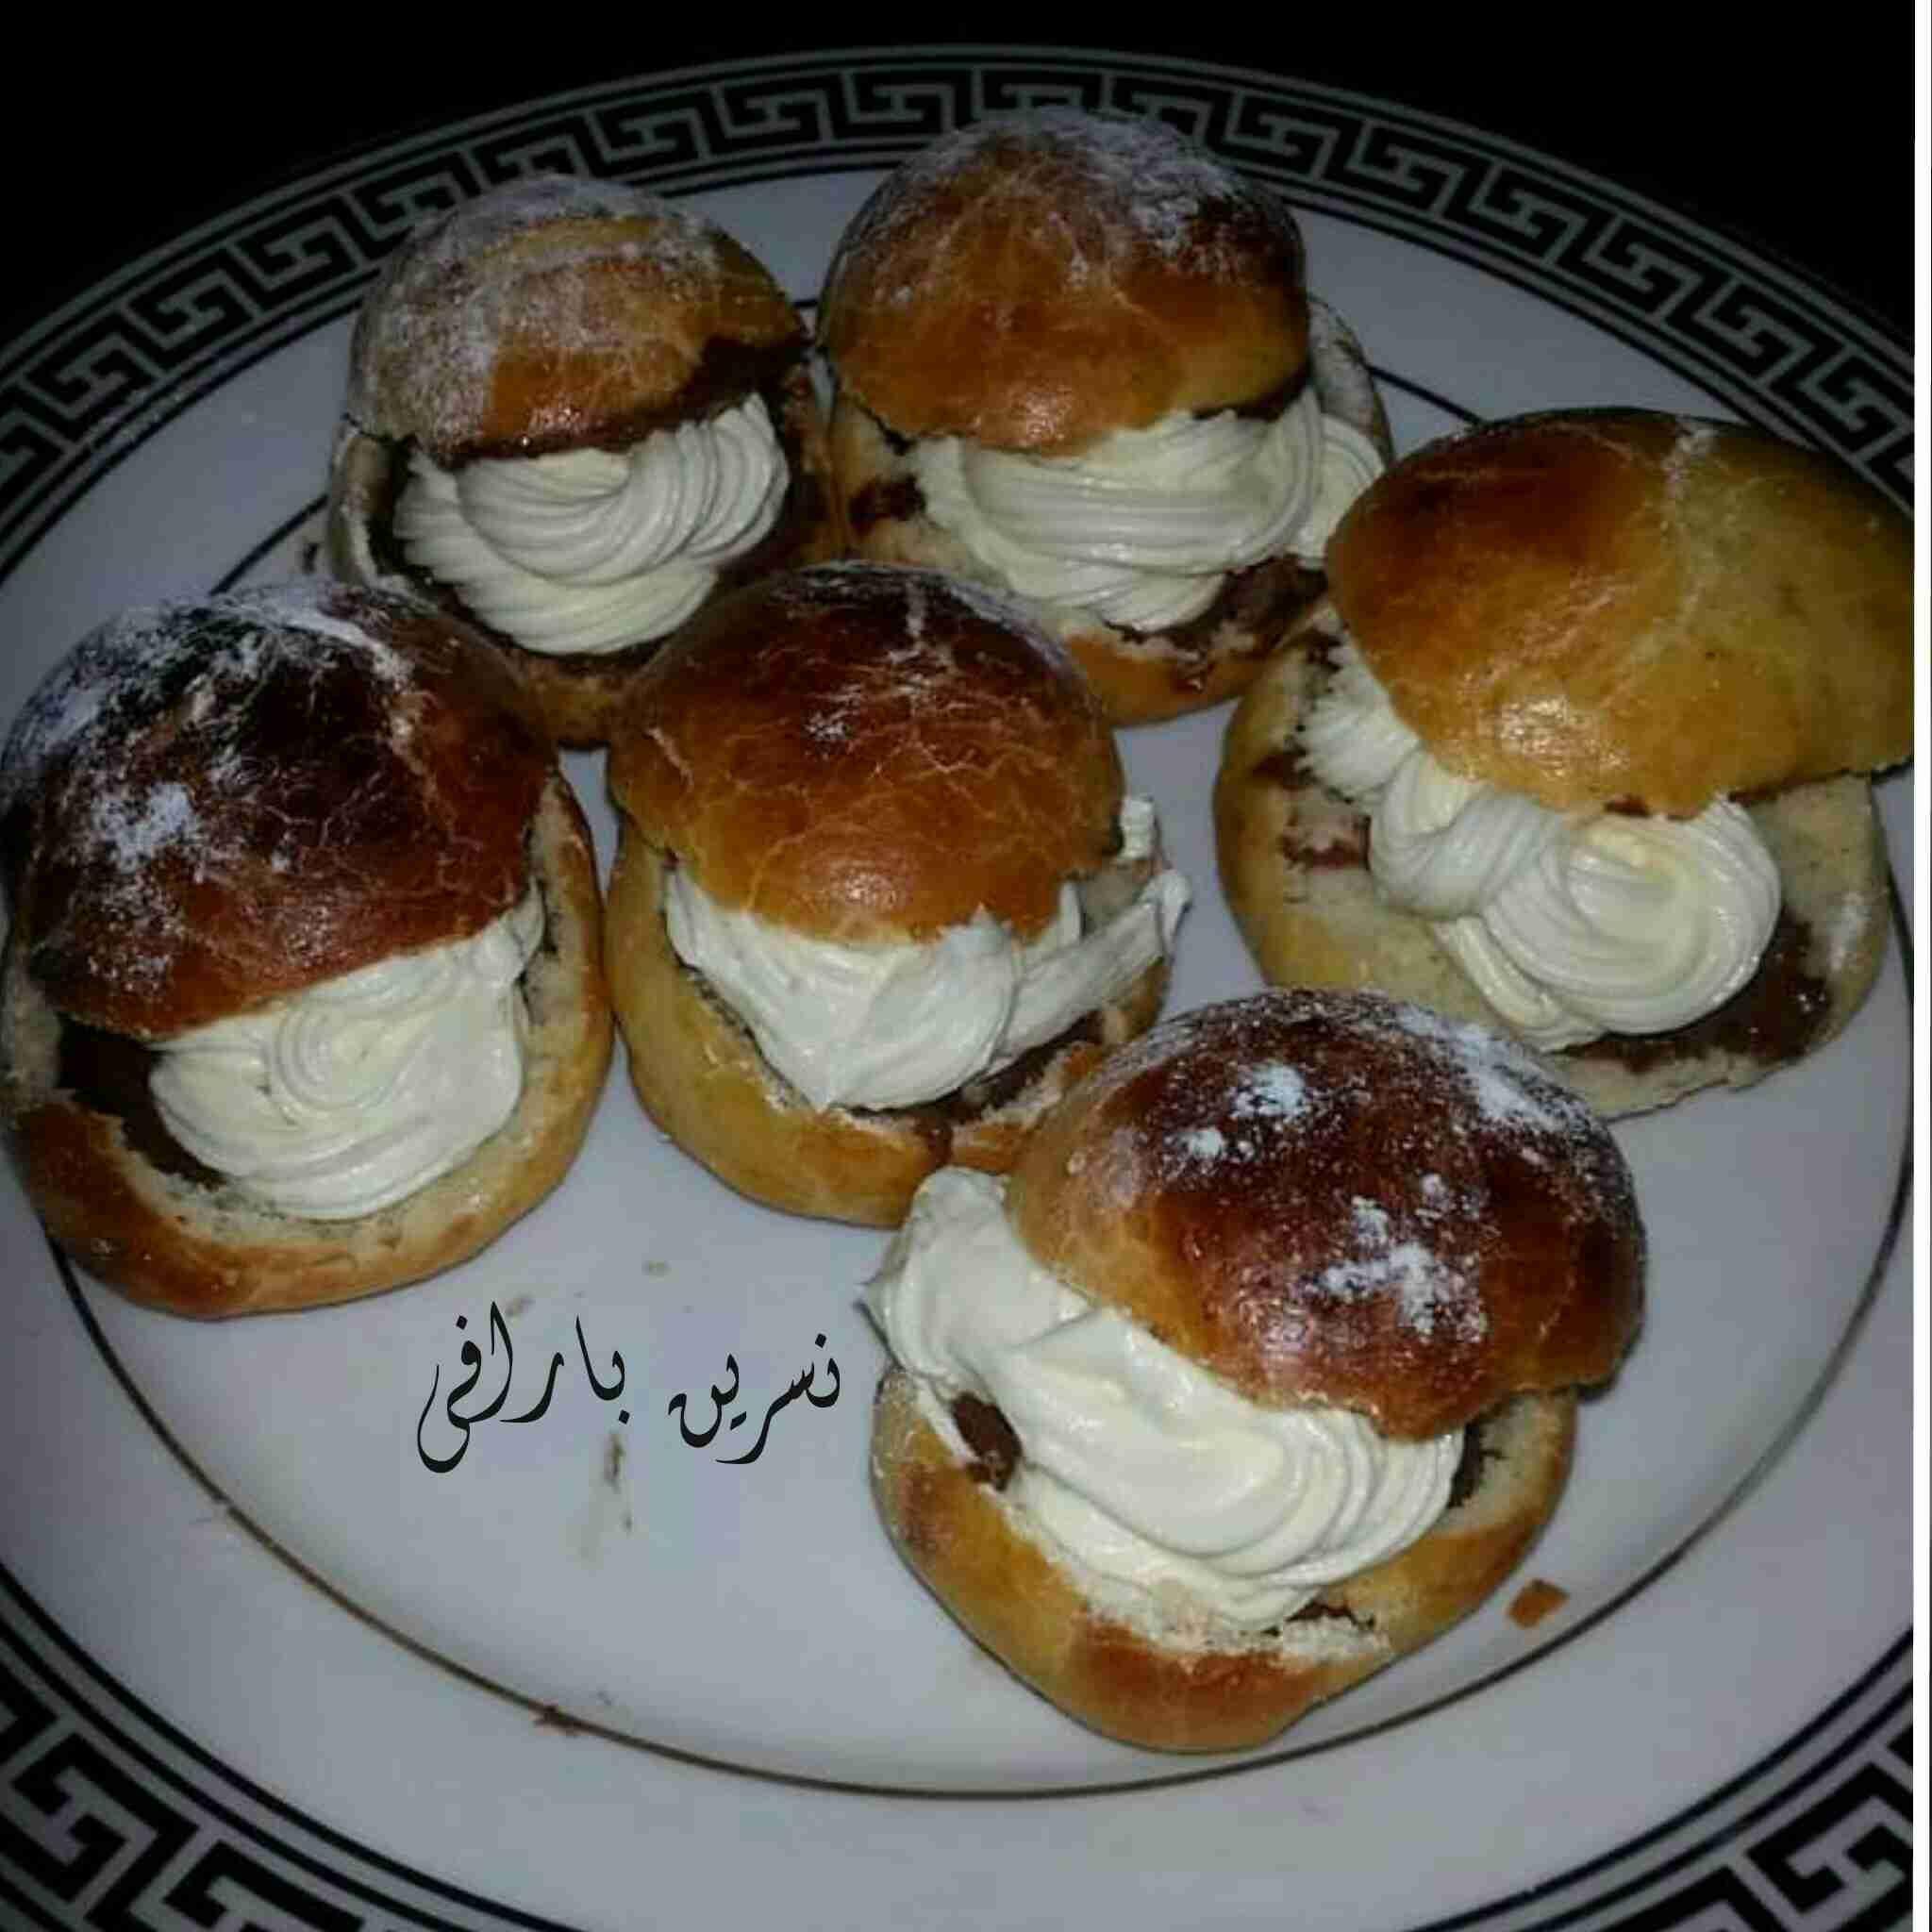 حلا السيملور ملكة الفطور 3 زاكي Recipe Desserts Food Yummy